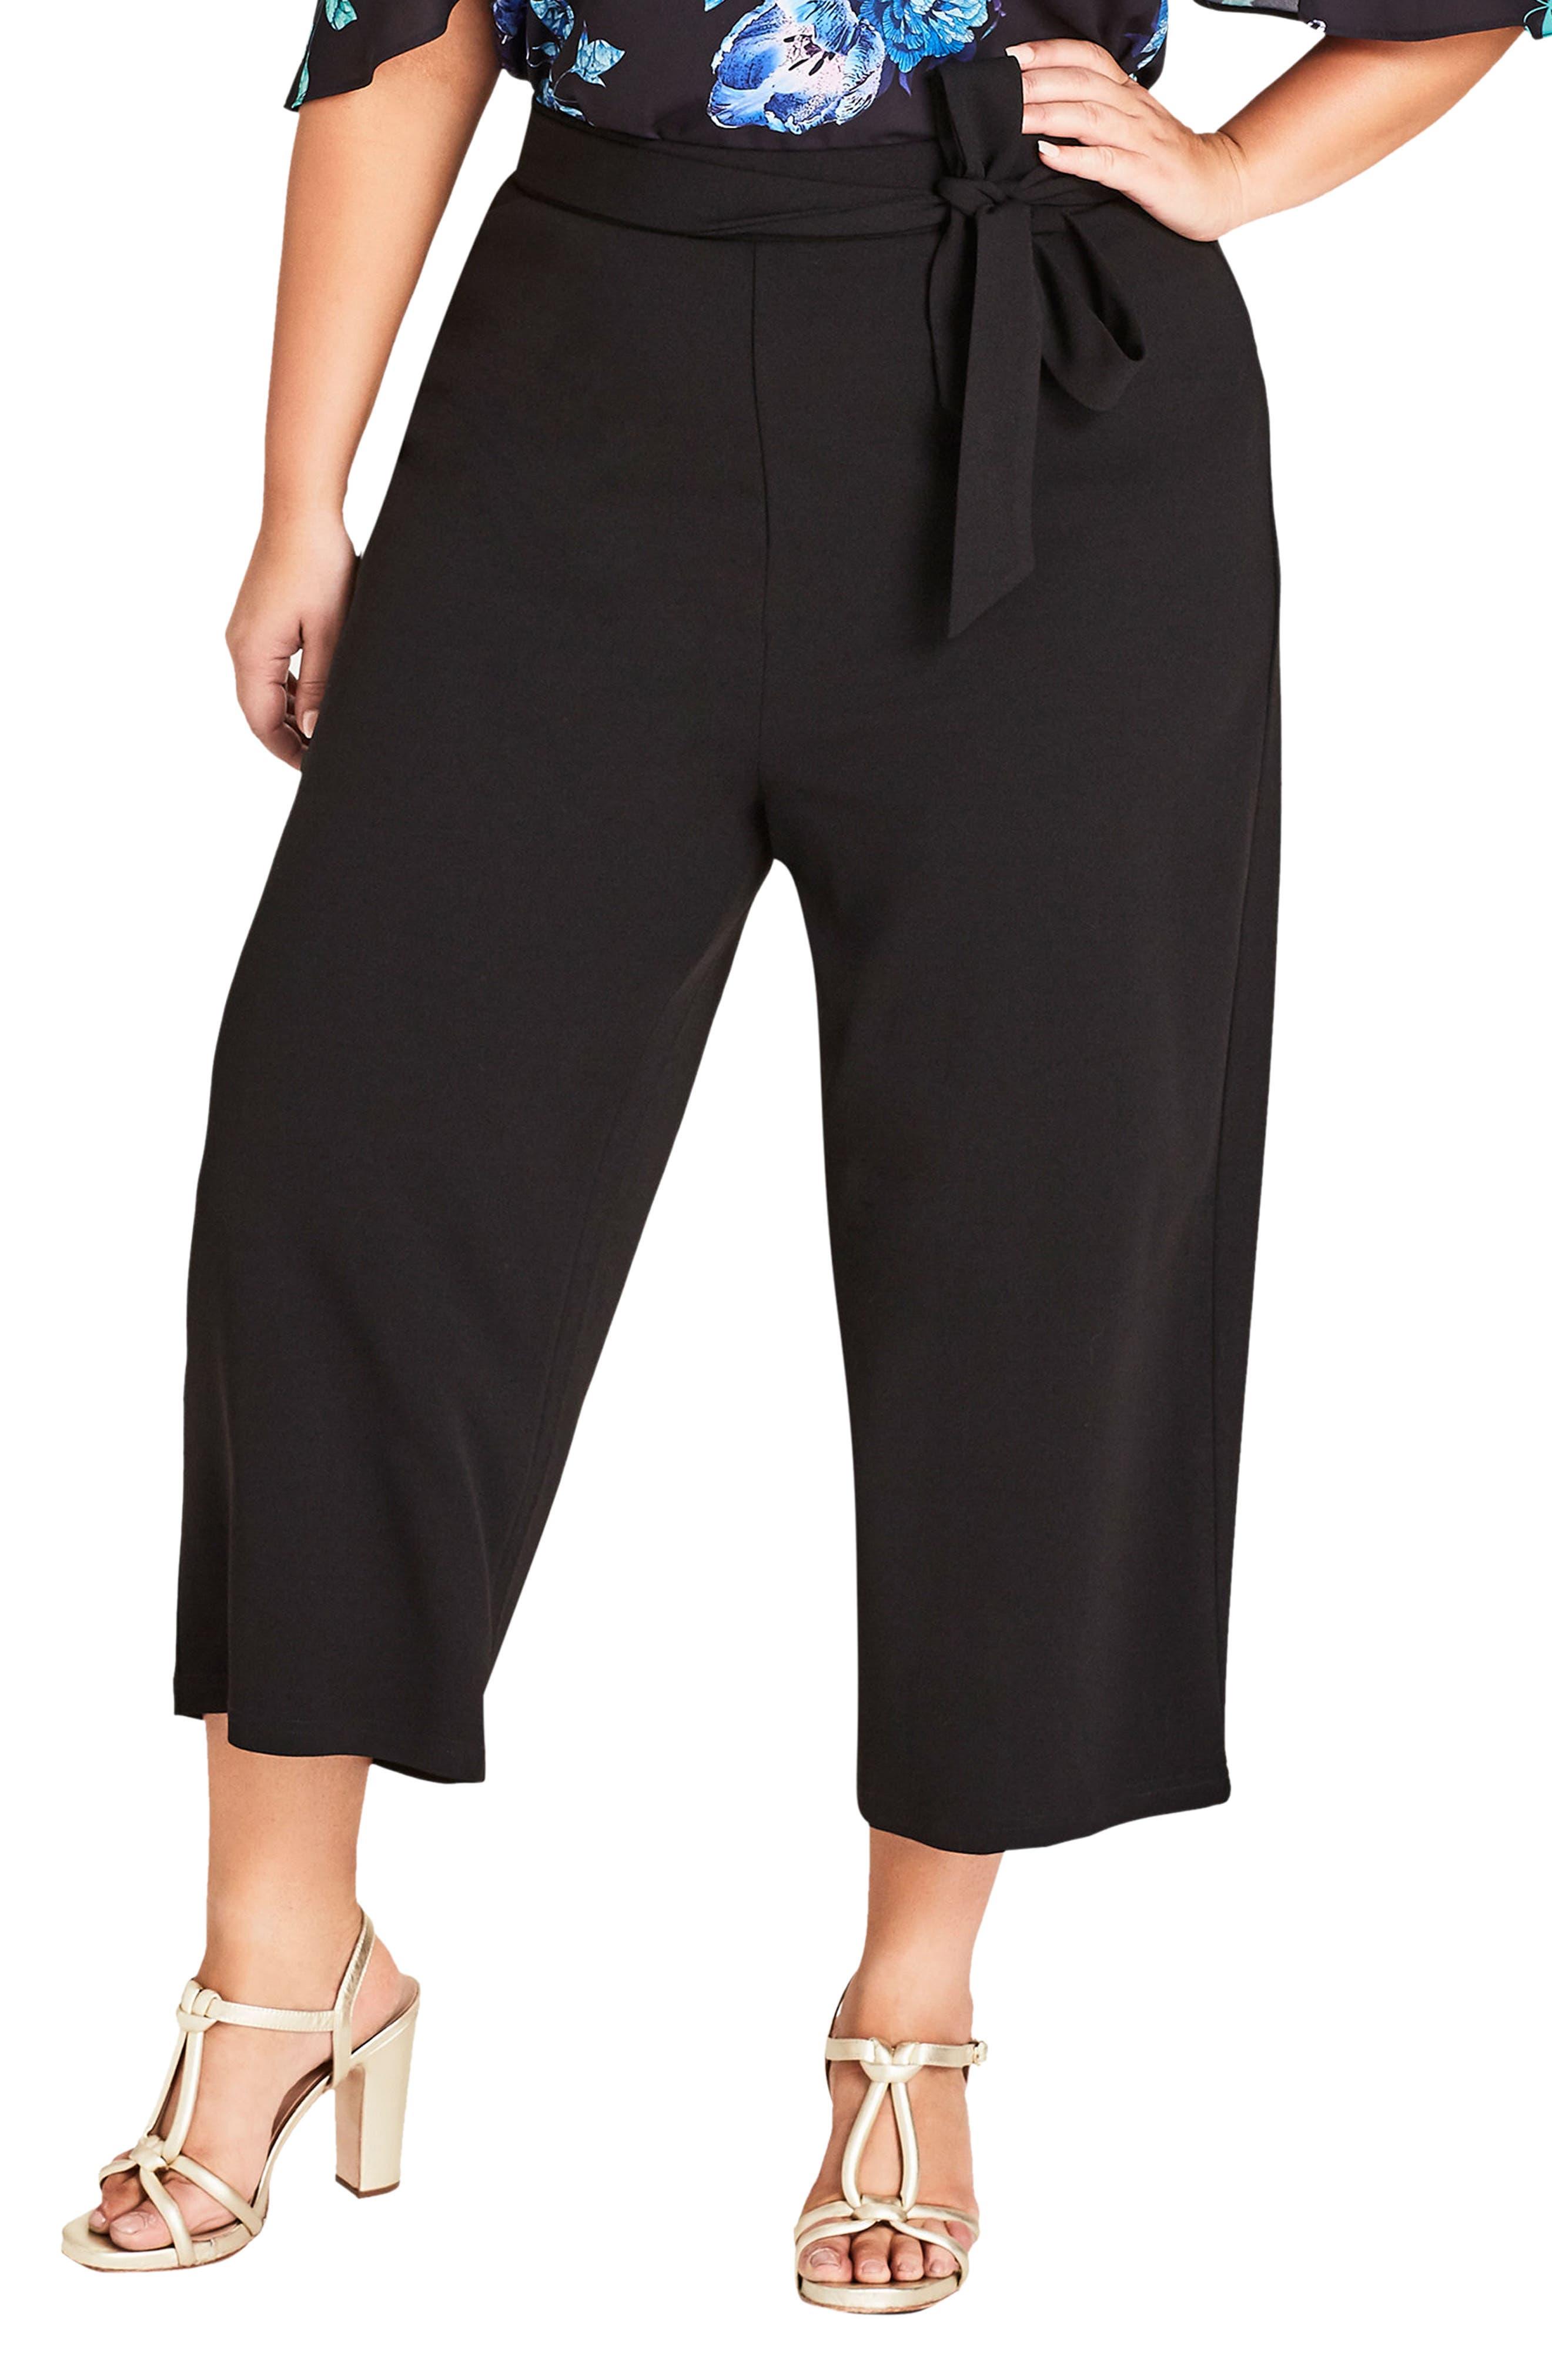 City Chic Obi Tie Pants (Plus Size)